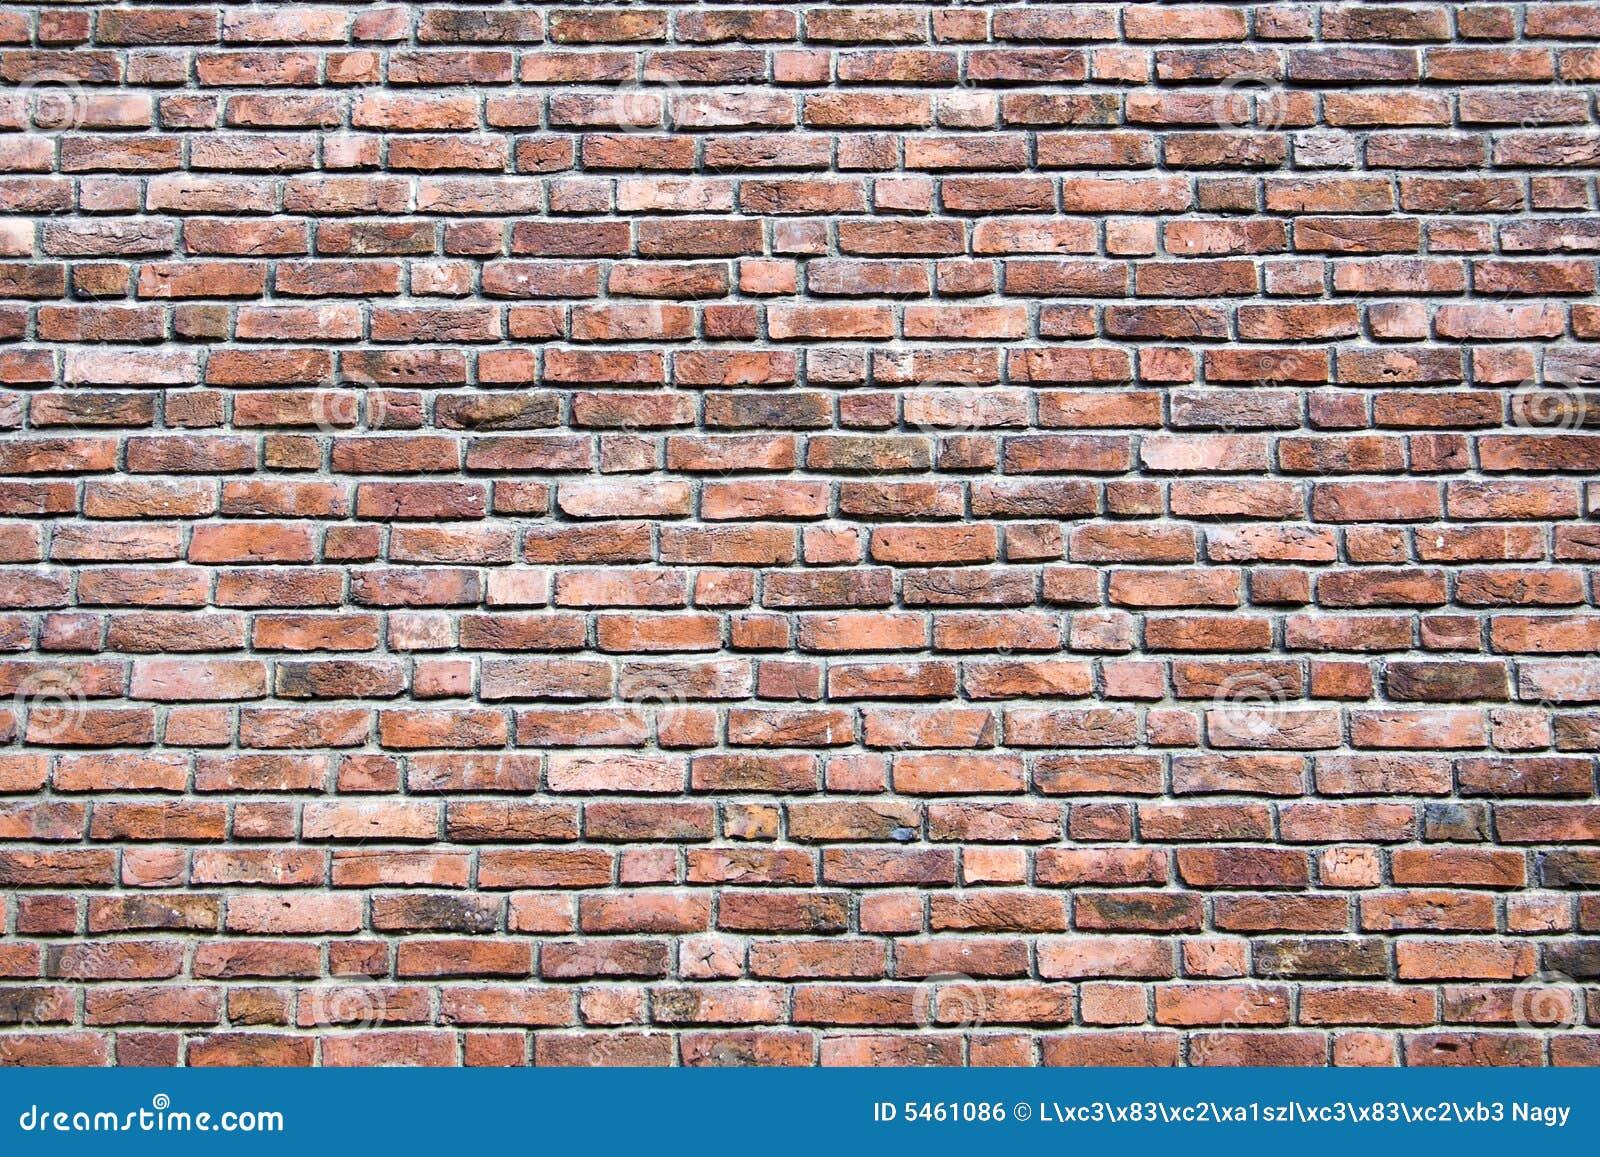 Parede de tijolo imagem de stock royalty free imagem - Poner papel pared ...